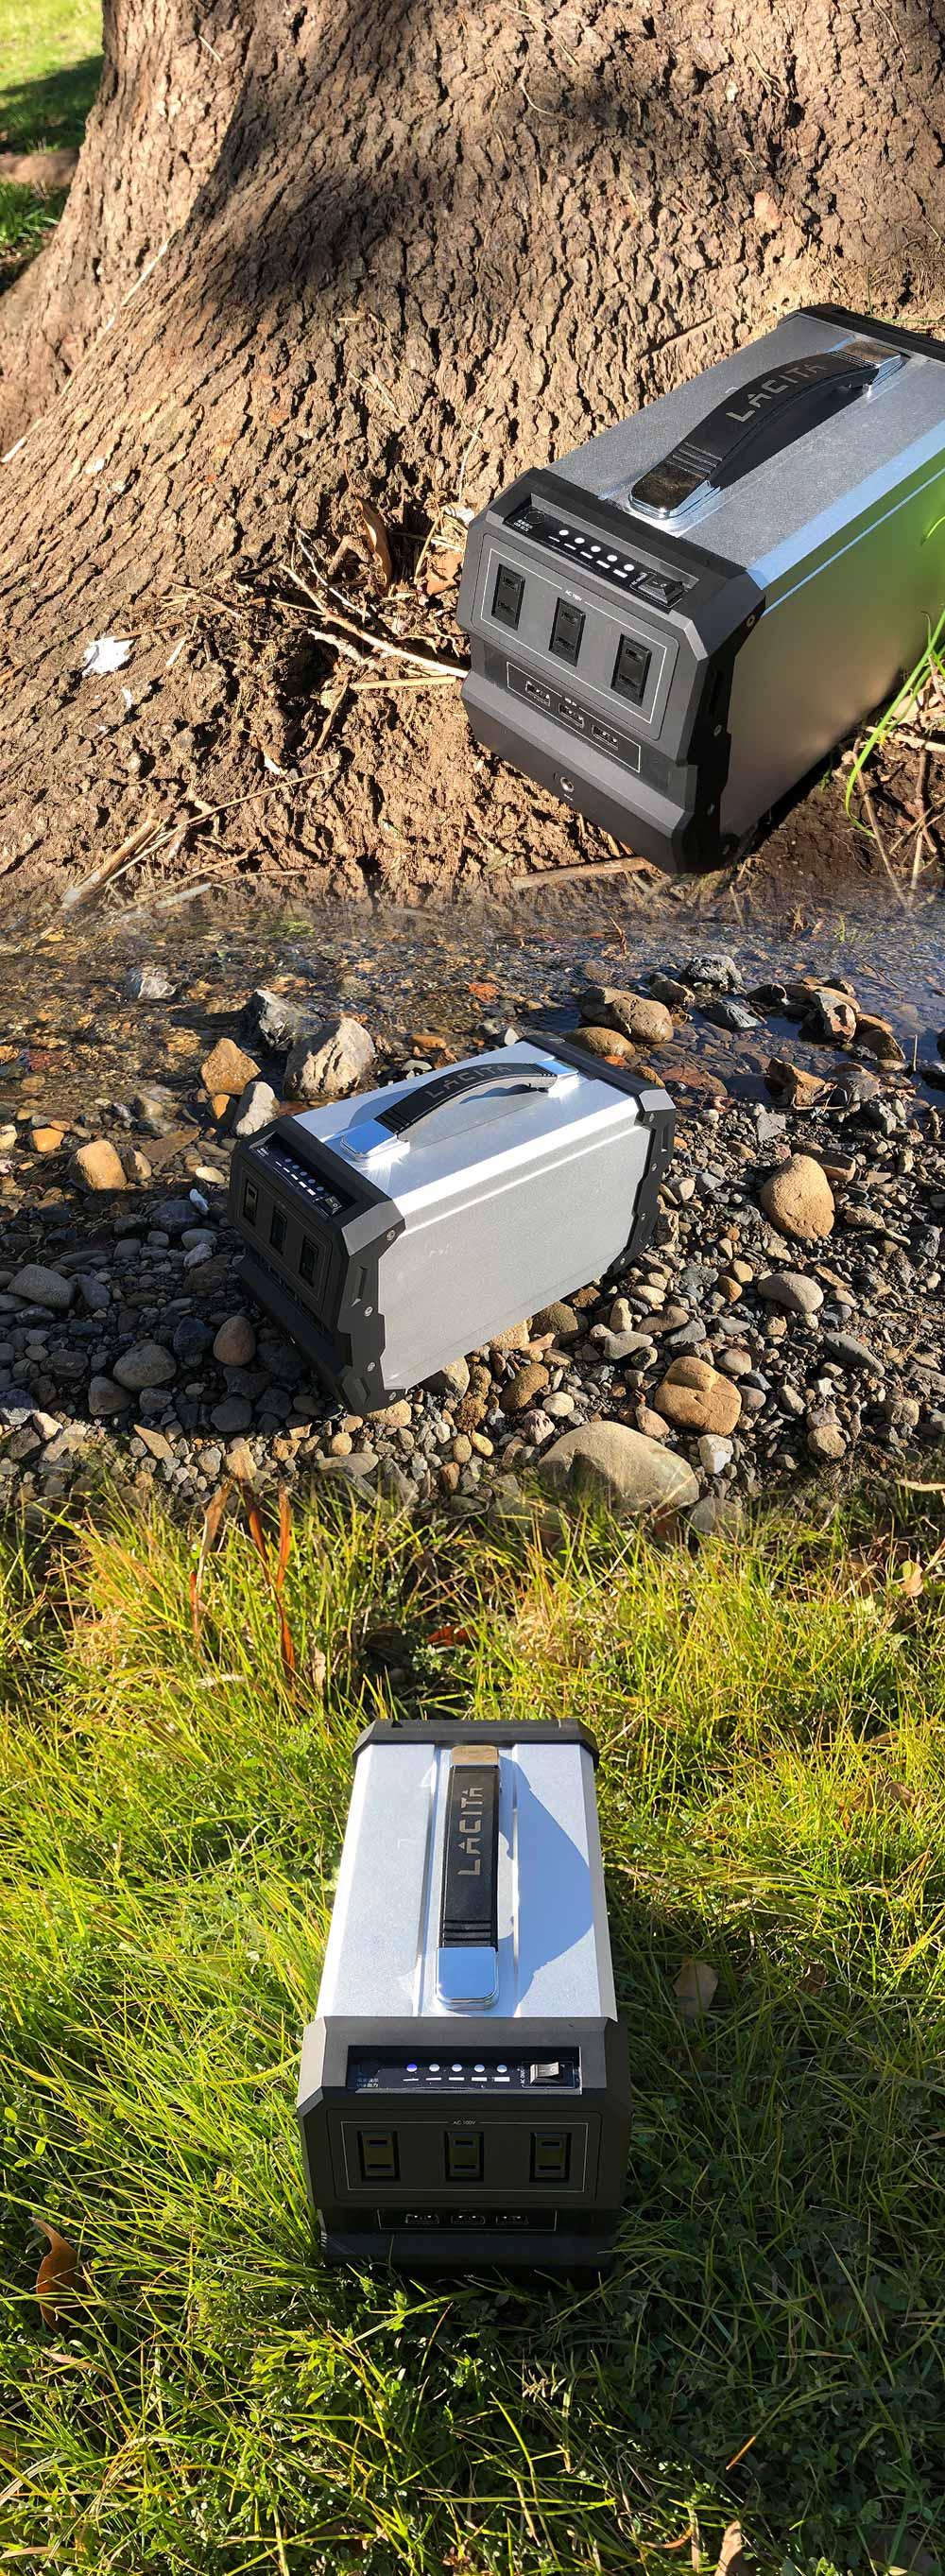 LACITA ENERBOX450 ラ・チタ ポータブル電源 エナーボックス 450 CITAEB450 車中泊 正弦波 防災グッズ 非常用電源 大容量 バッテリー 充電器 AC電源 発電機 アウトドア キャンプ CAMP OUTDOOR 停電対策